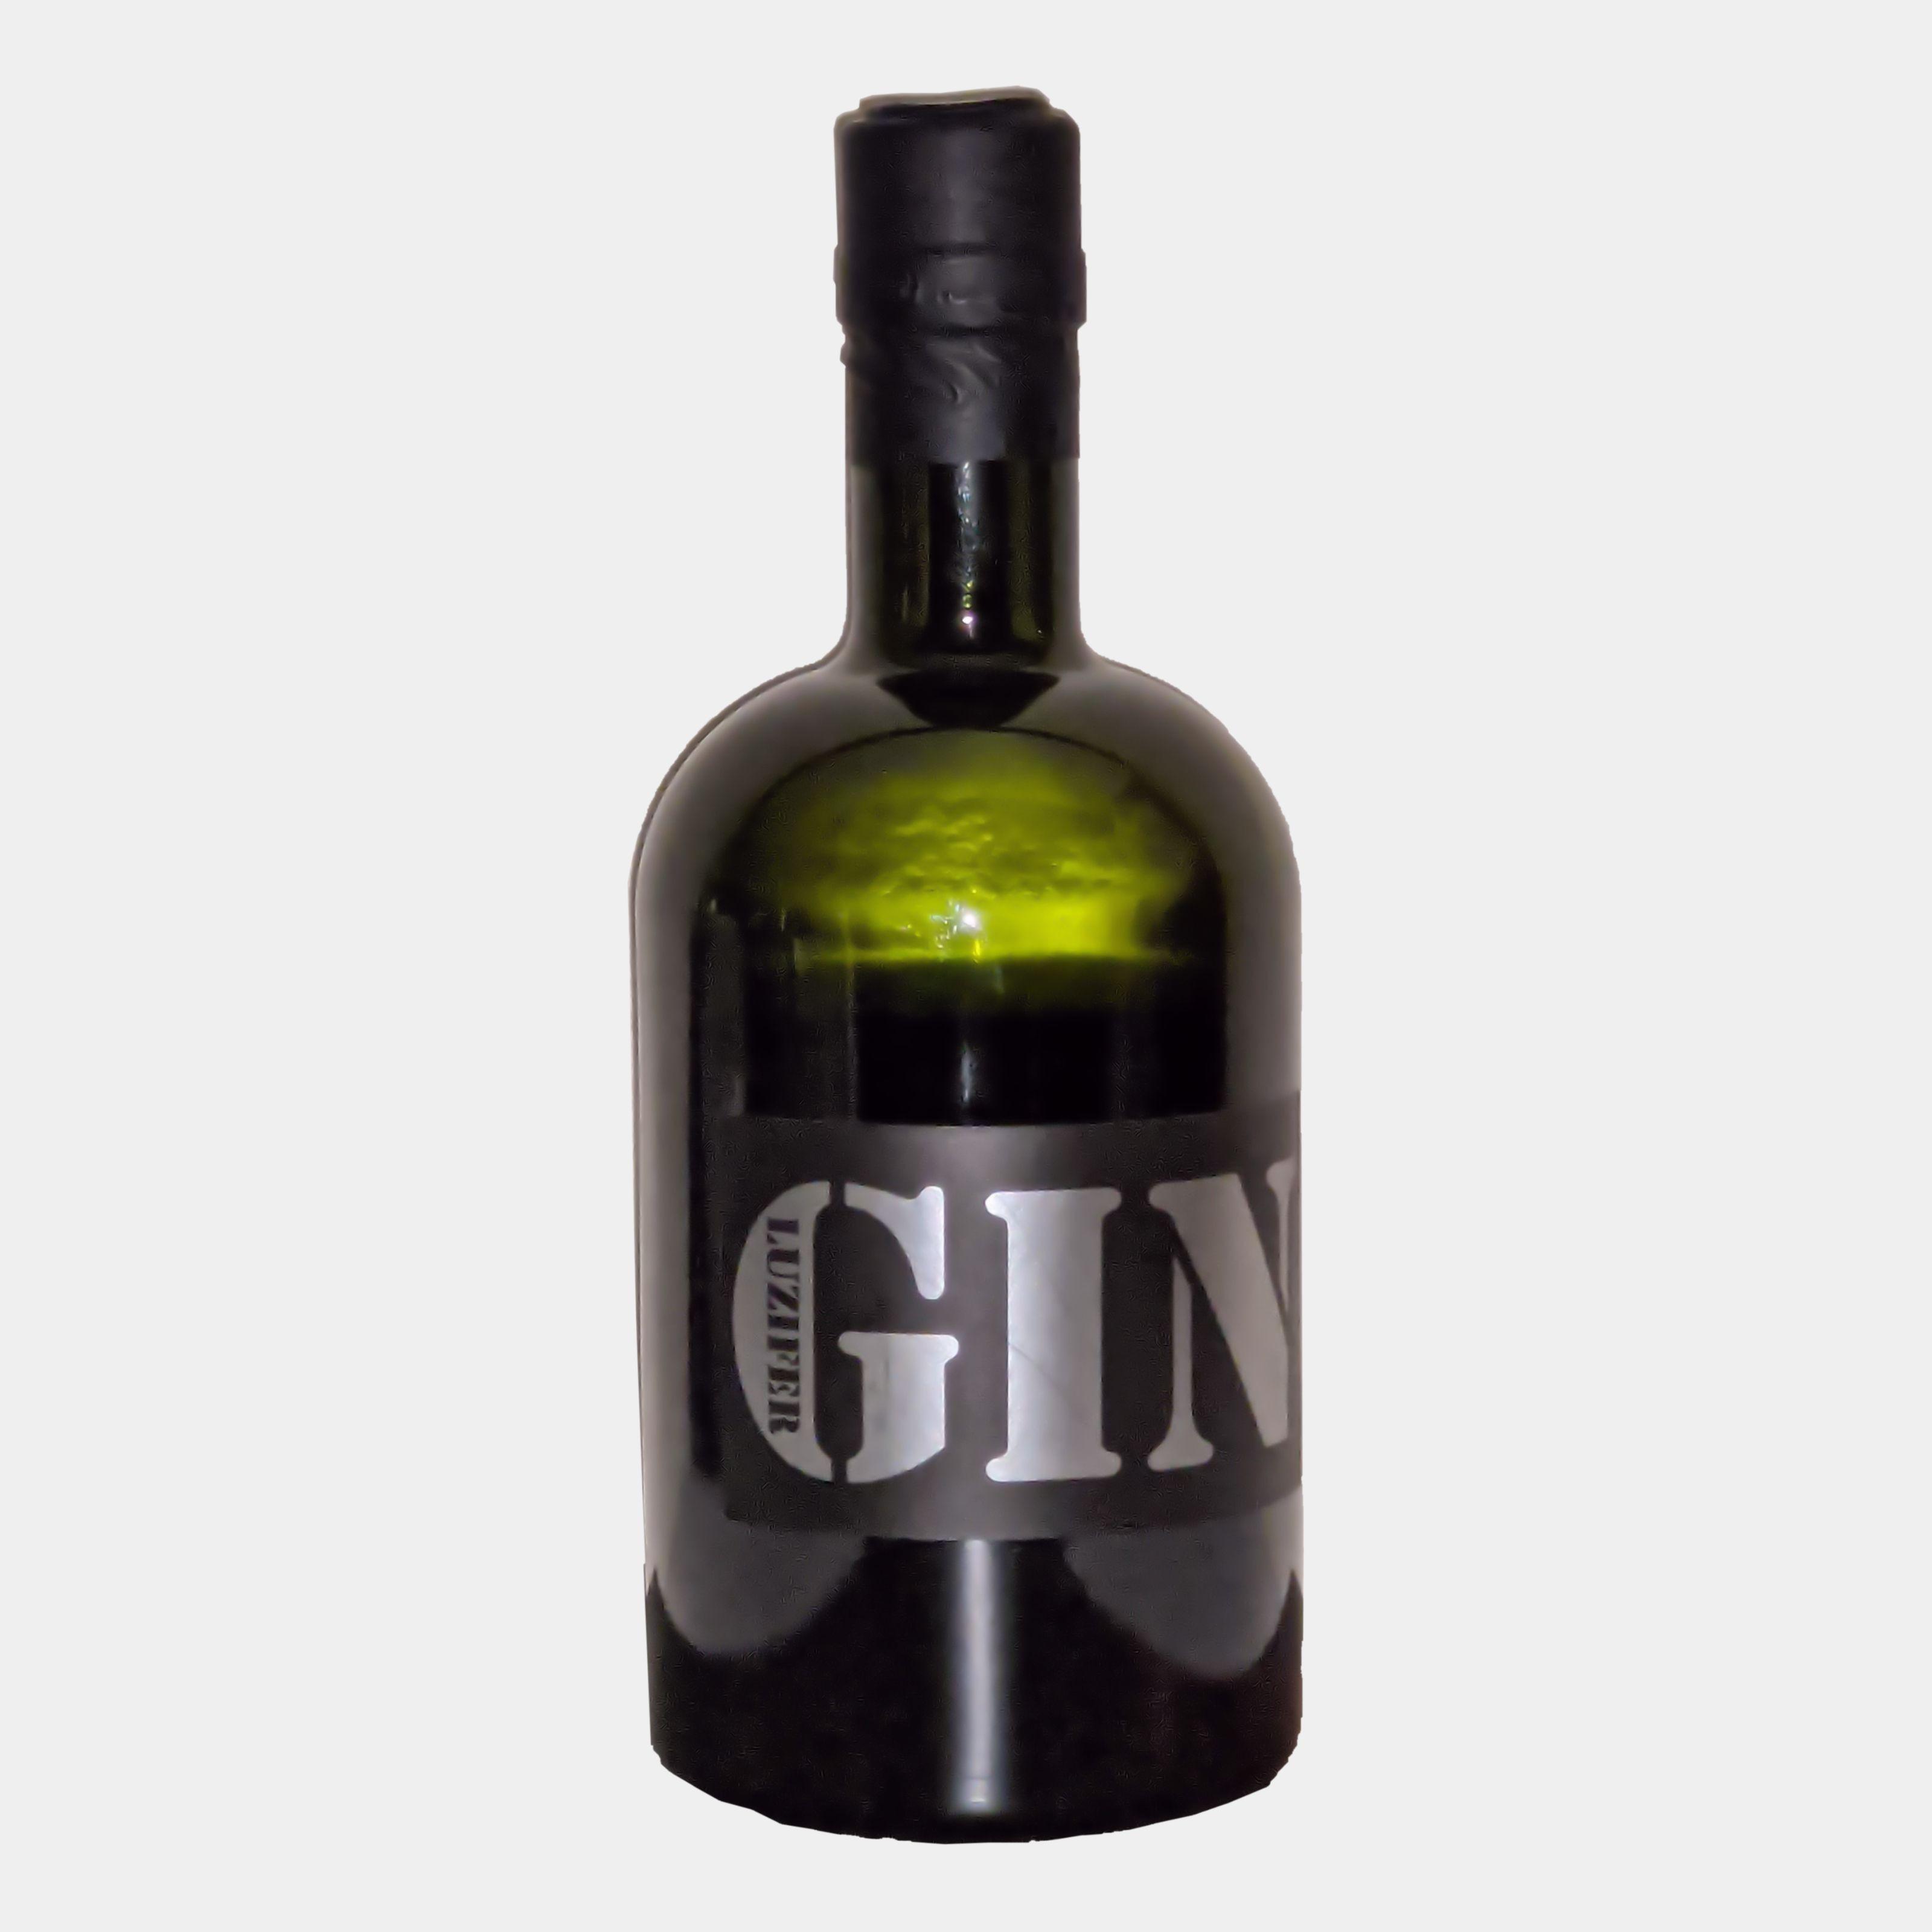 Luzifer London Dry Gin 0.5l 44% Alk